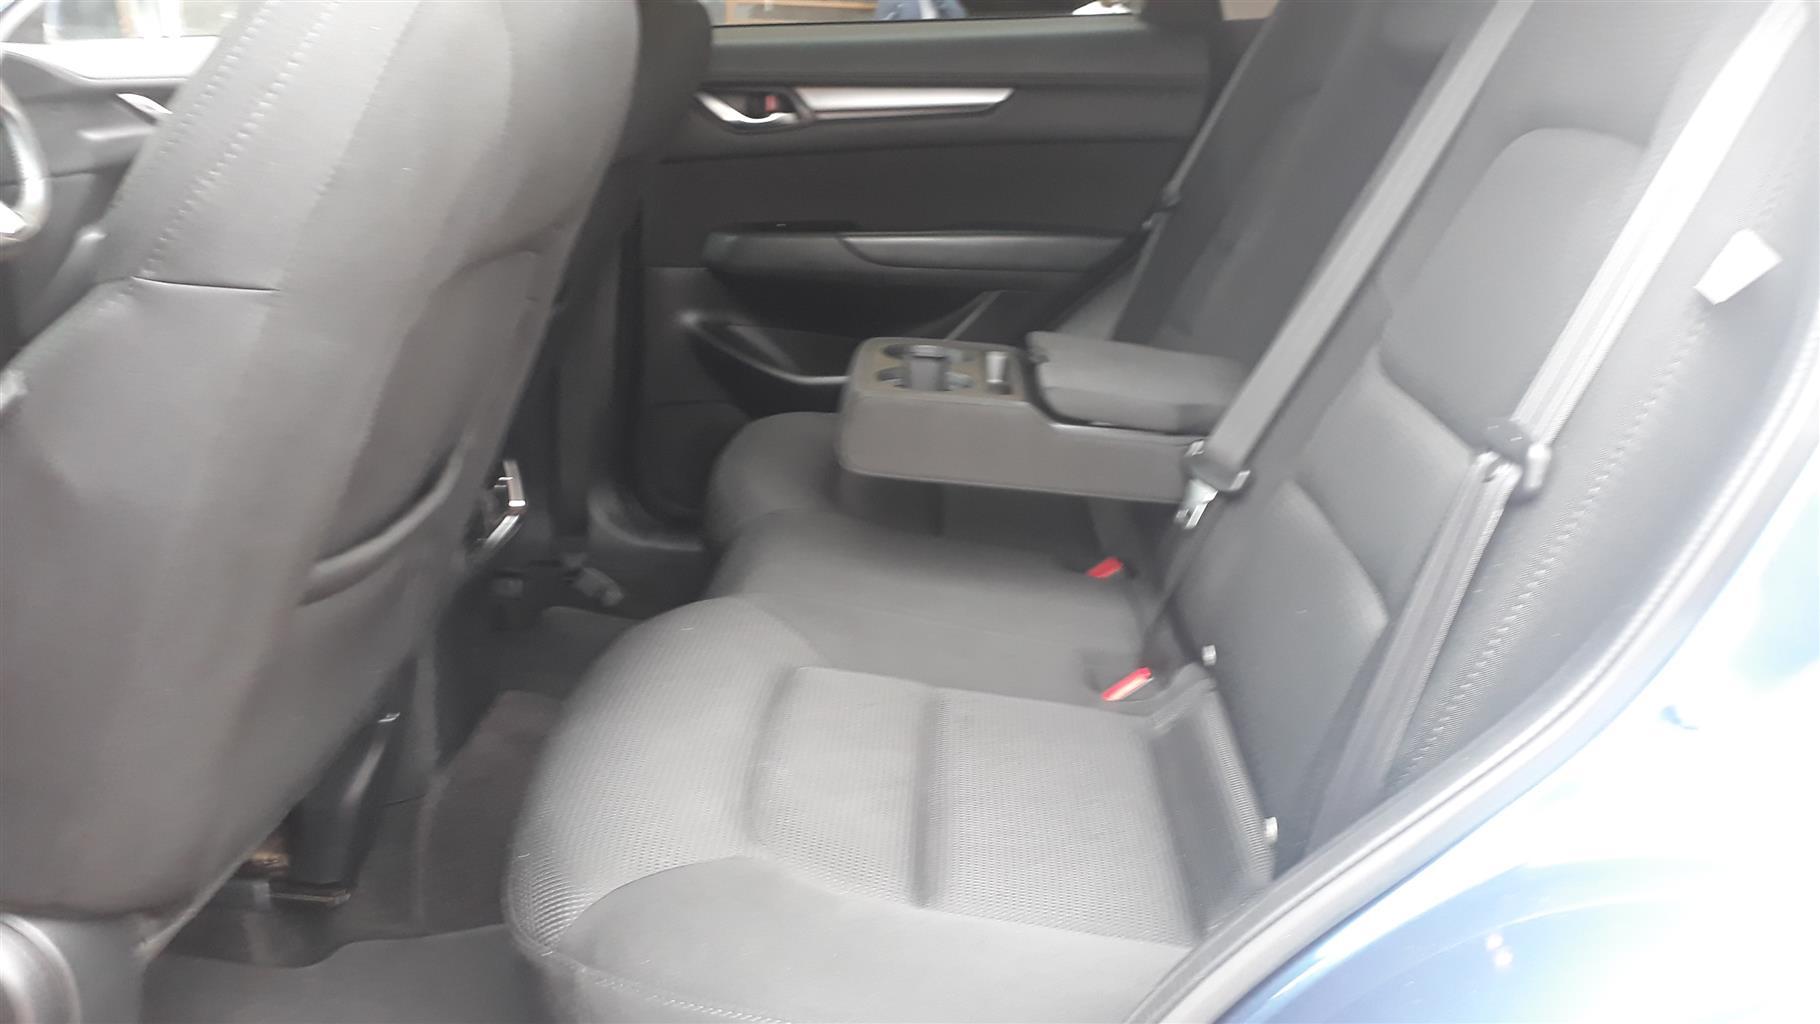 2018 Mazda CX-5 2.0 Active auto